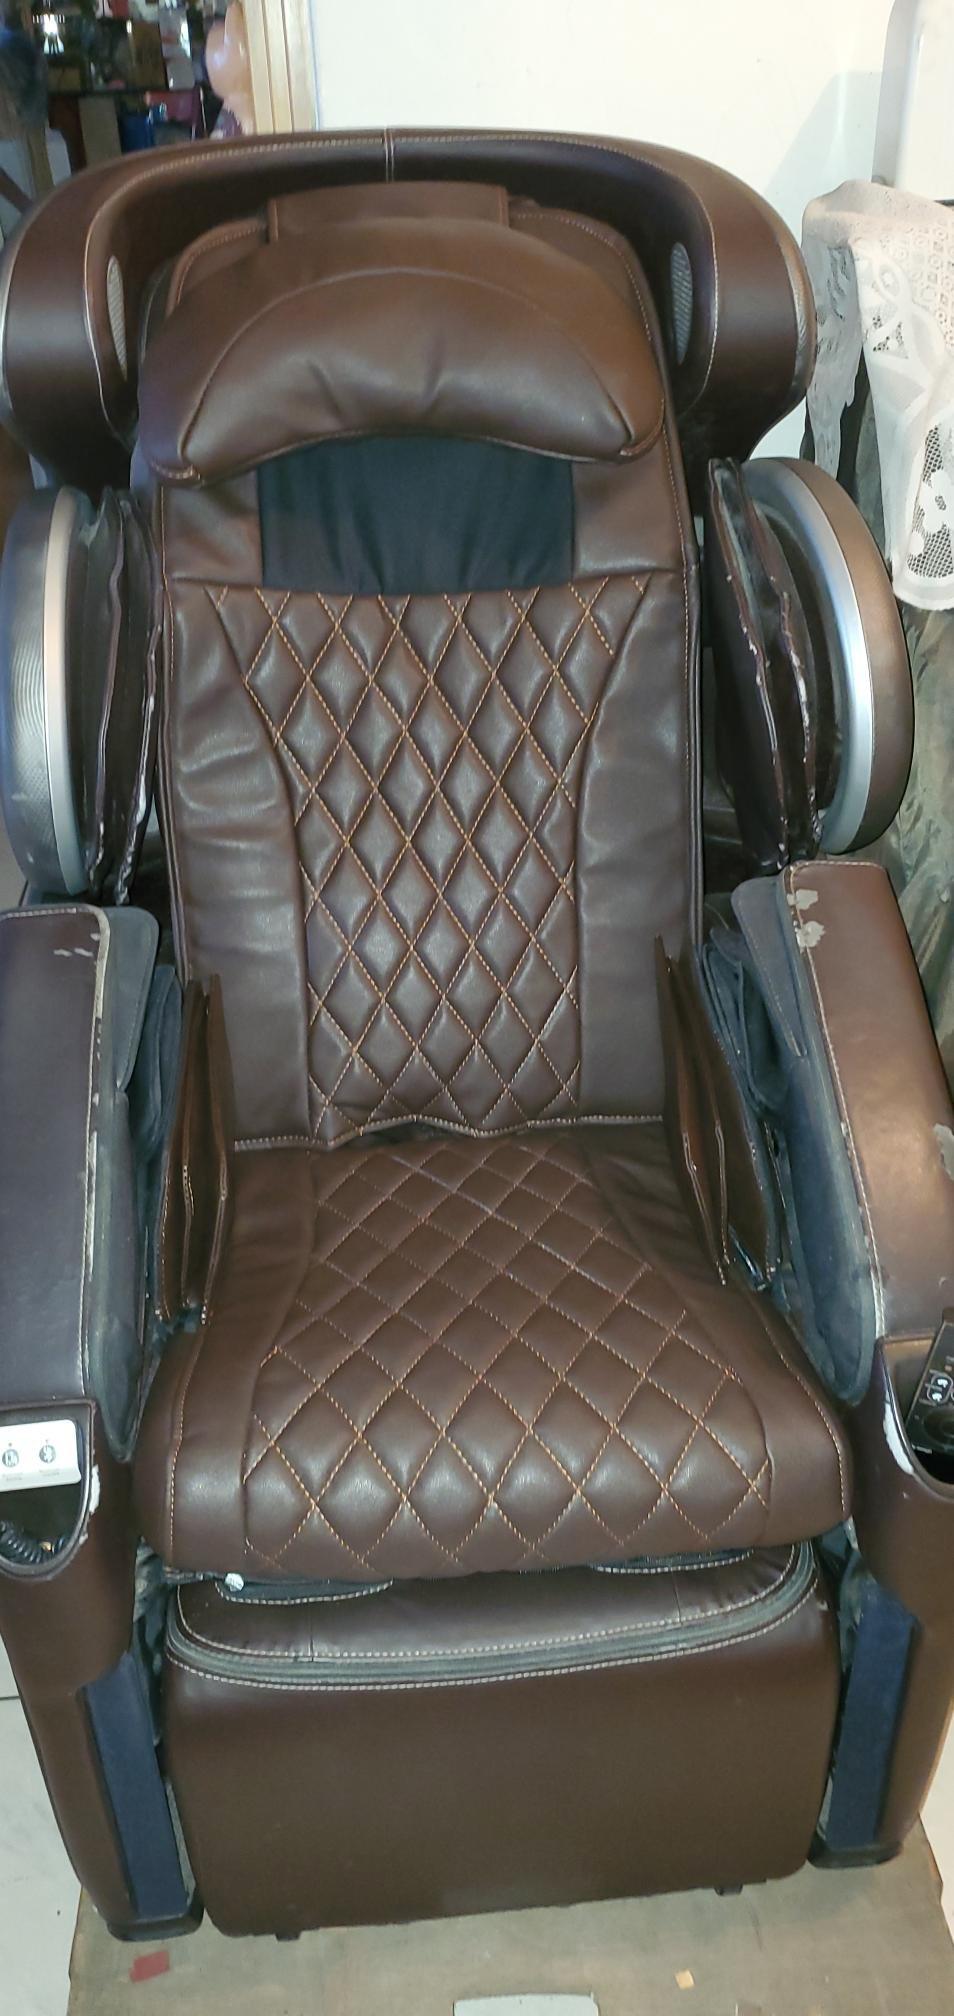 OSIM傲勝按摩椅OS-818天王椅頭枕椅背坐墊皮已經換新,歡迎洽詢